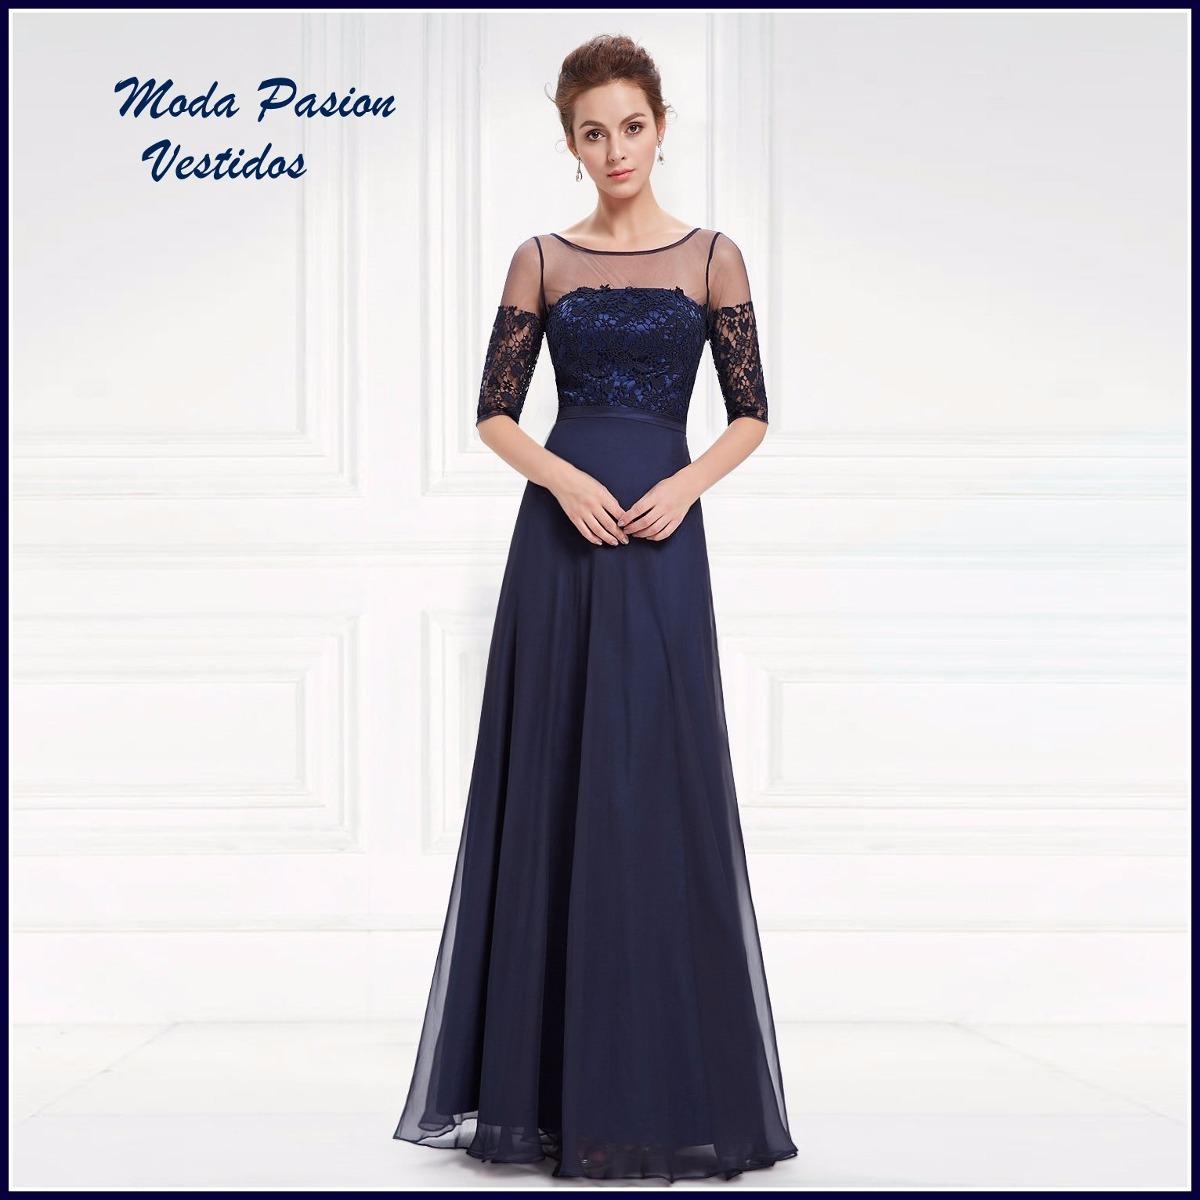 7c0241aef vestido gala con mangas madrina- bodas moda pasion. Cargando zoom.